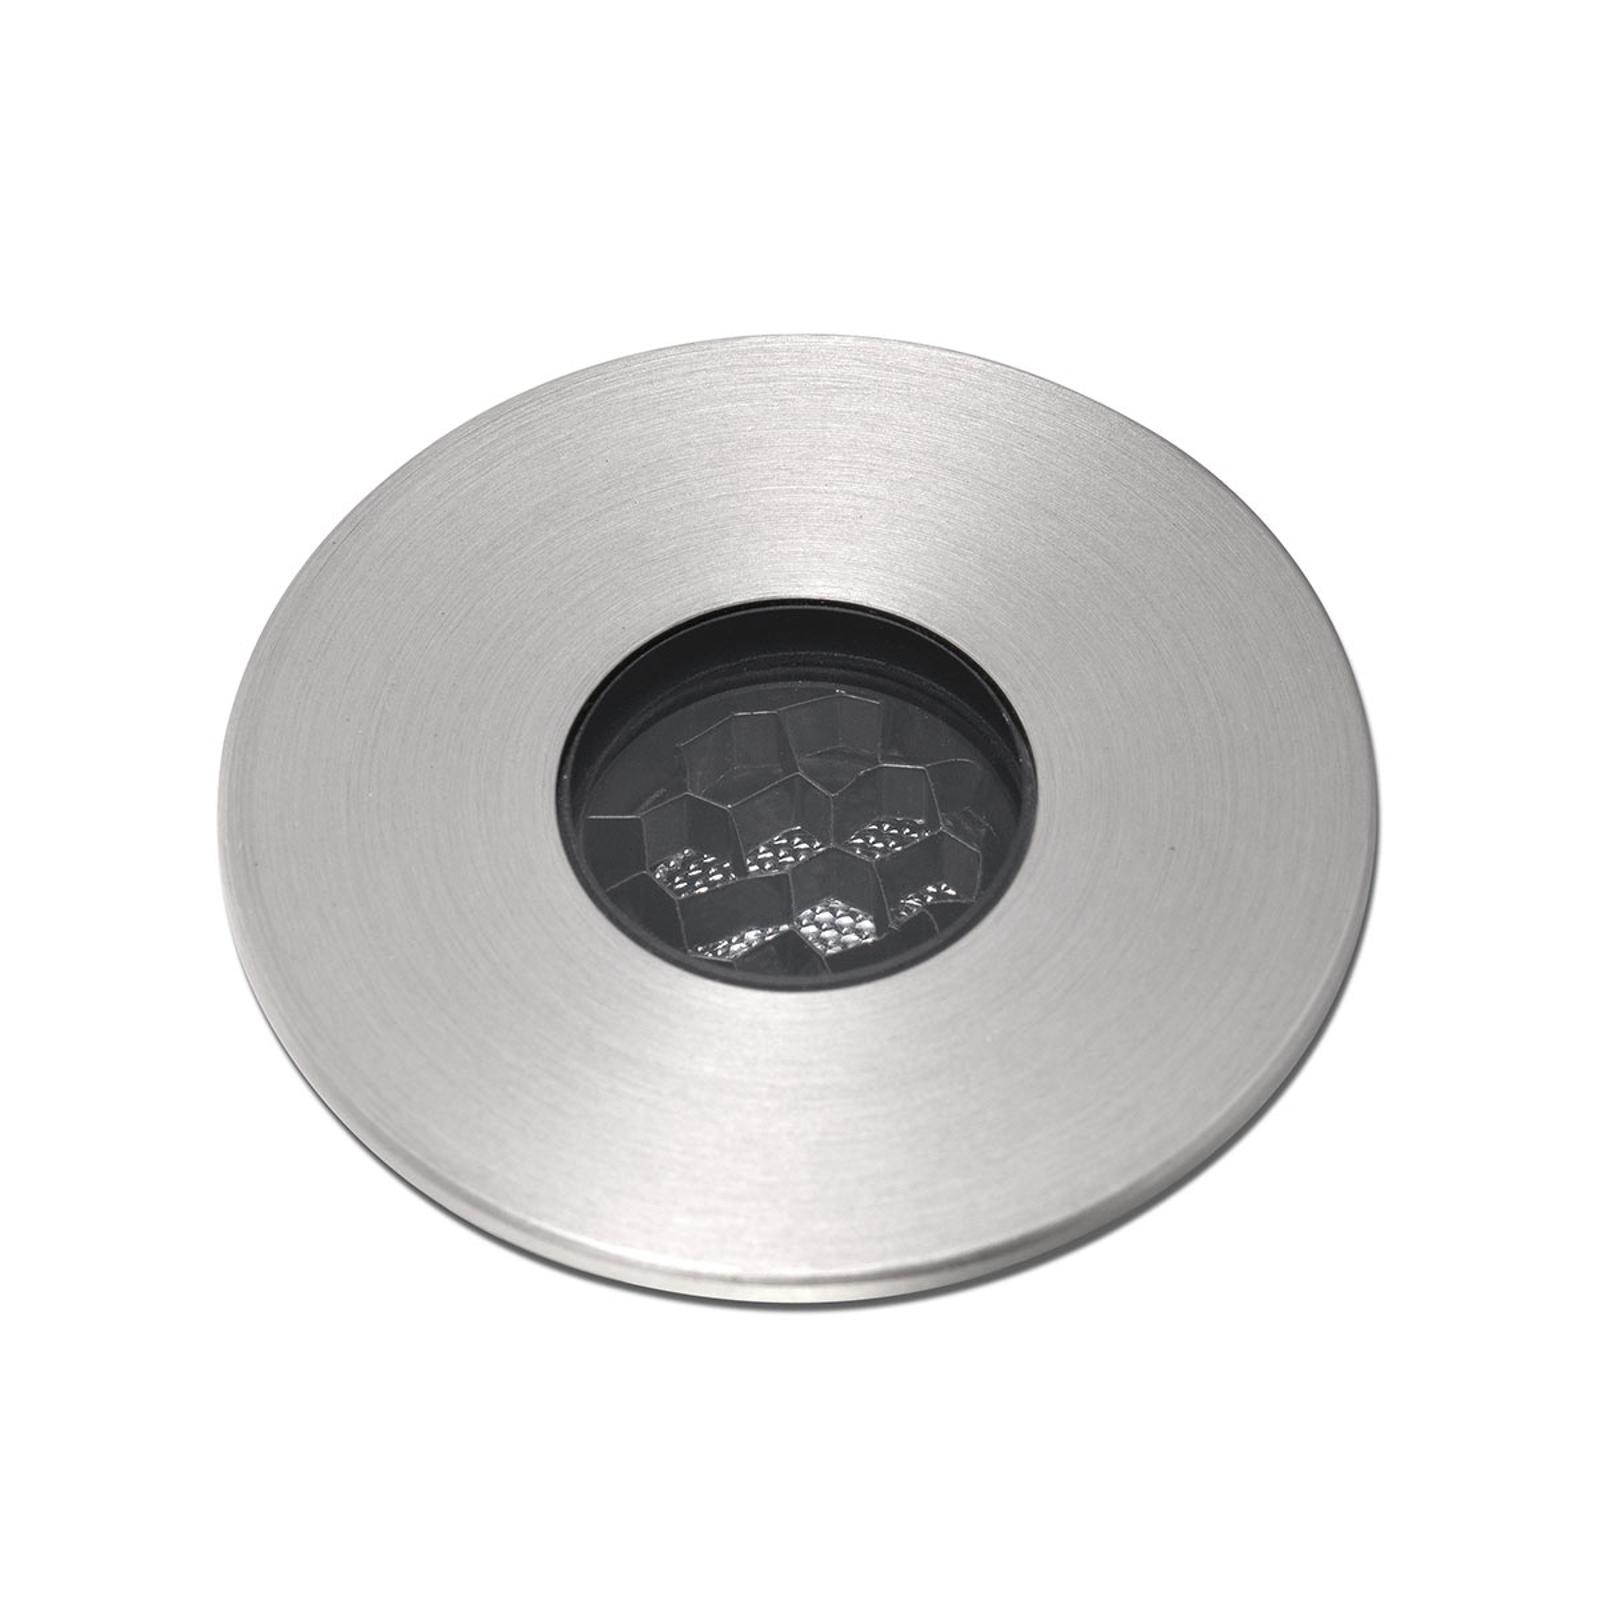 Spot encastré LED Sol anti eau de mer Ø 3,5cm